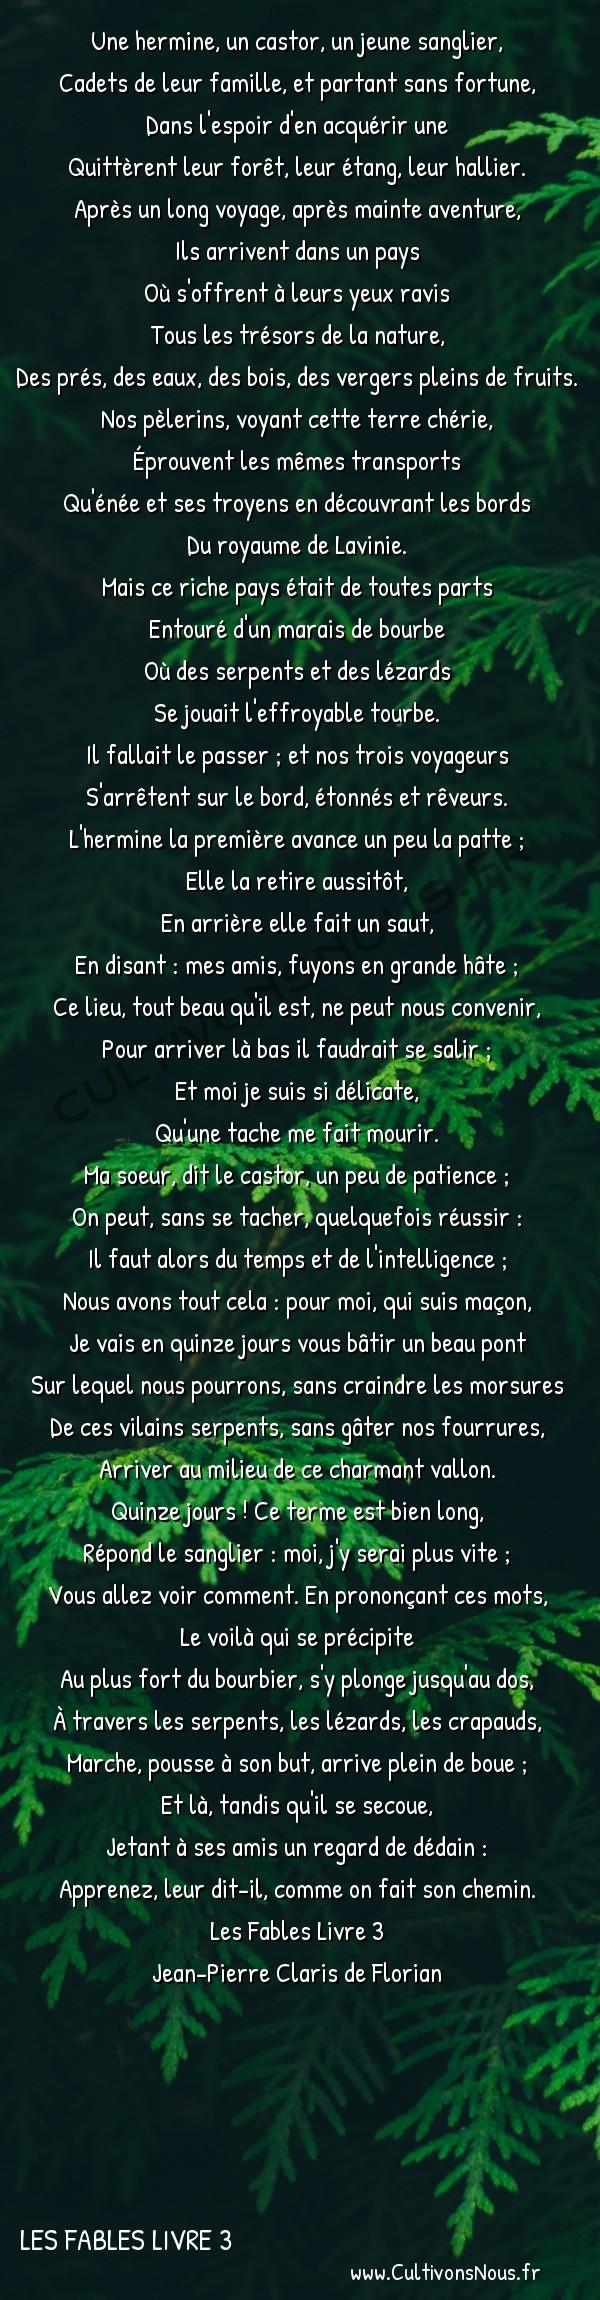 Poésie Jean-Pierre Claris de Florian - Les Fables Livre 3 - L'hermine le castor et le sanglier -  Une hermine, un castor, un jeune sanglier, Cadets de leur famille, et partant sans fortune,